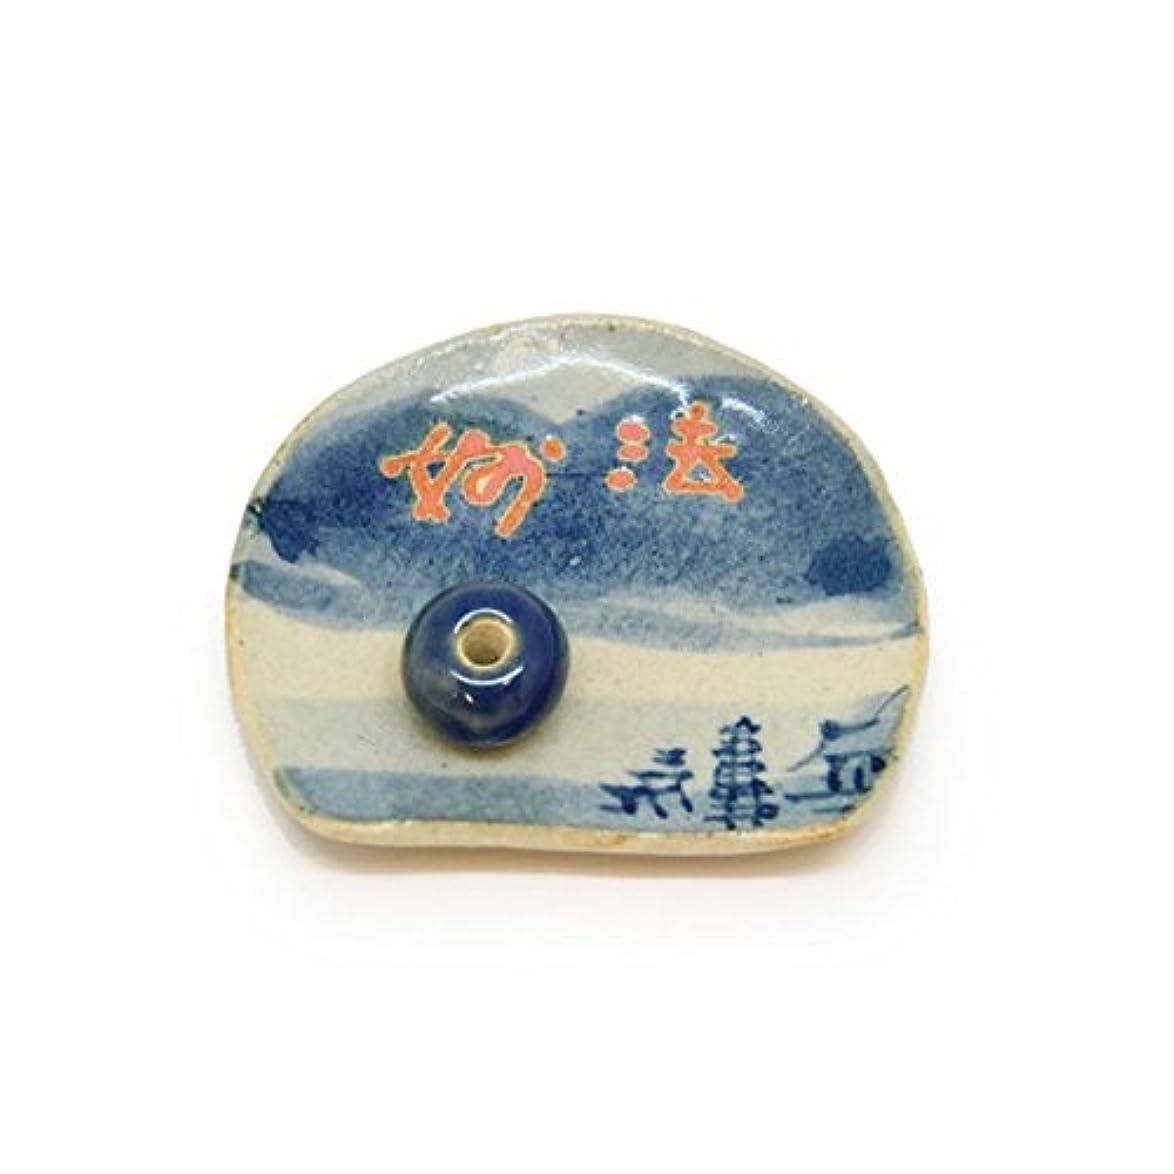 ナインへ国歌シリーズ香皿 京の風物詩 夏 「妙法」